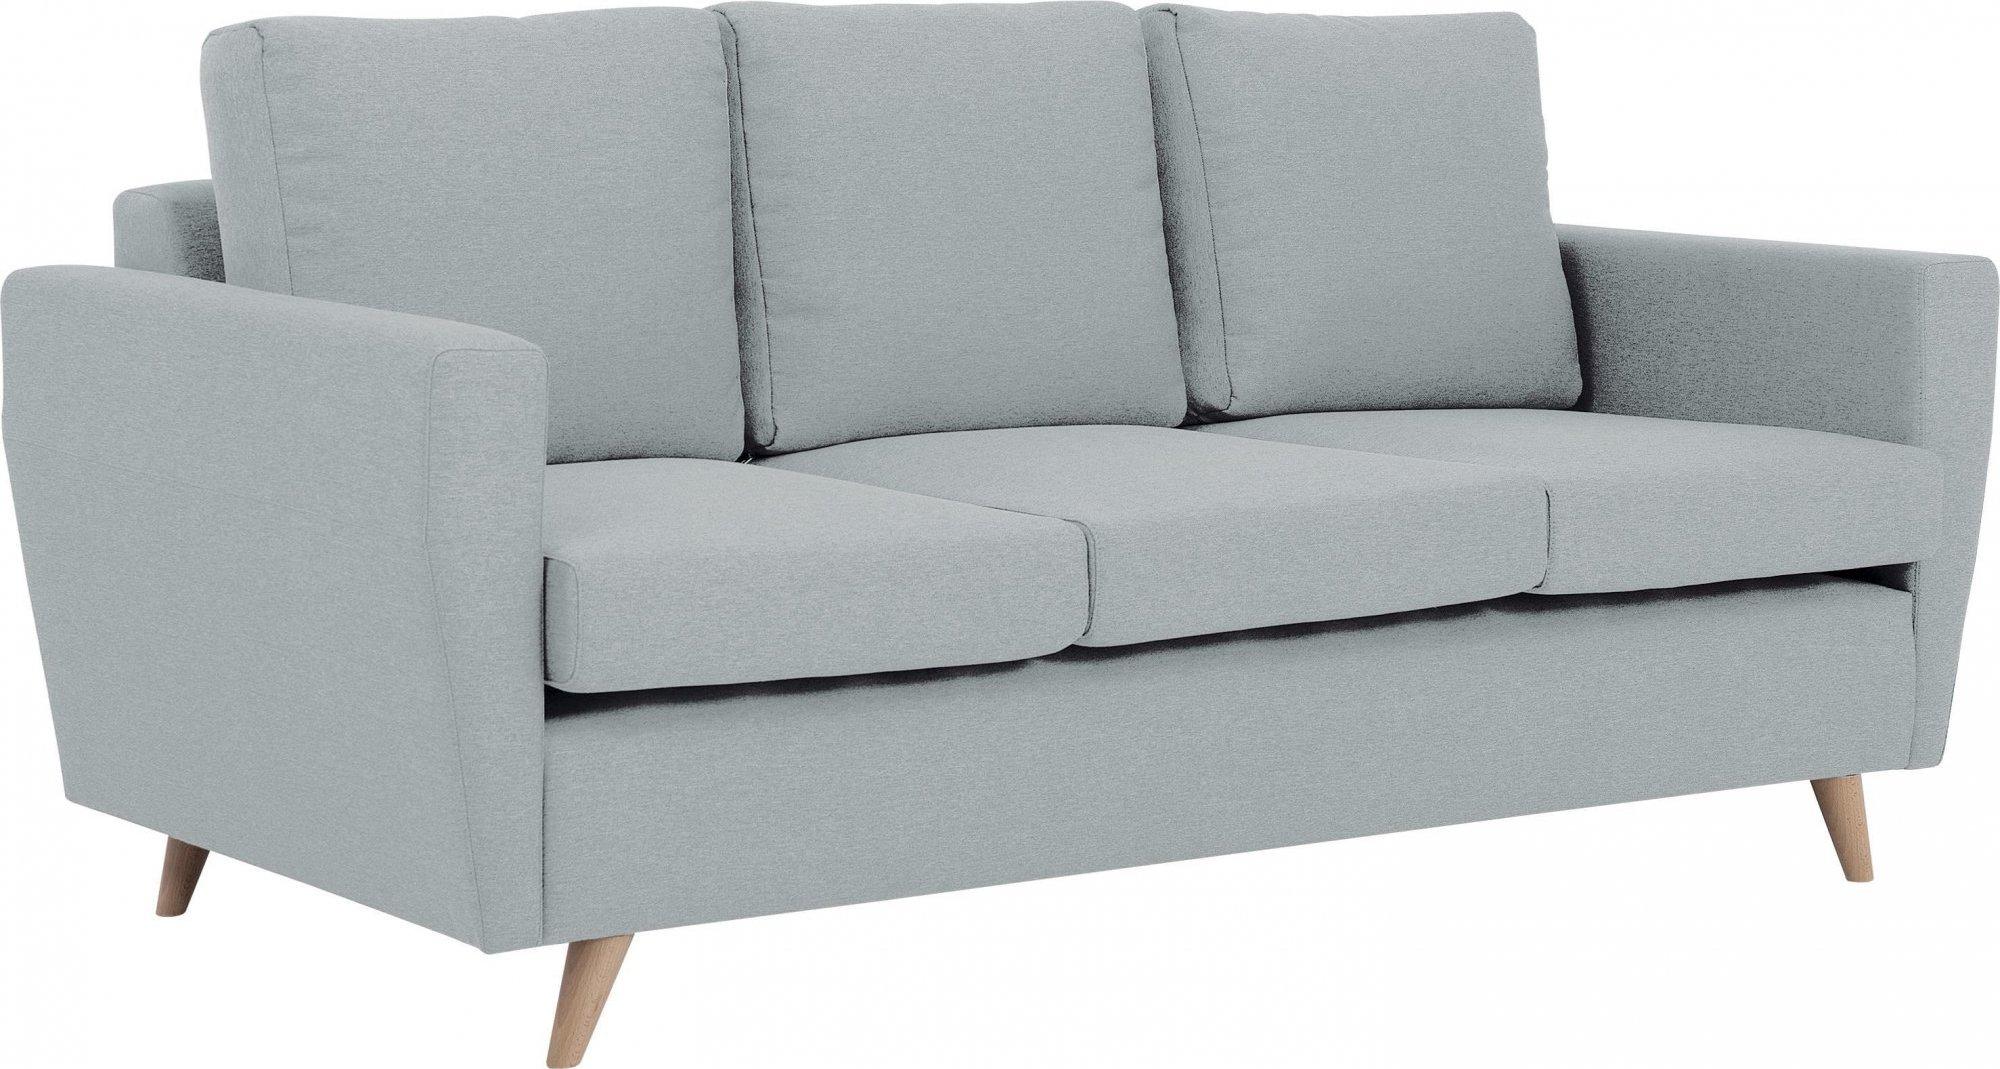 Canapé tissu 3 places gris platine h45cm